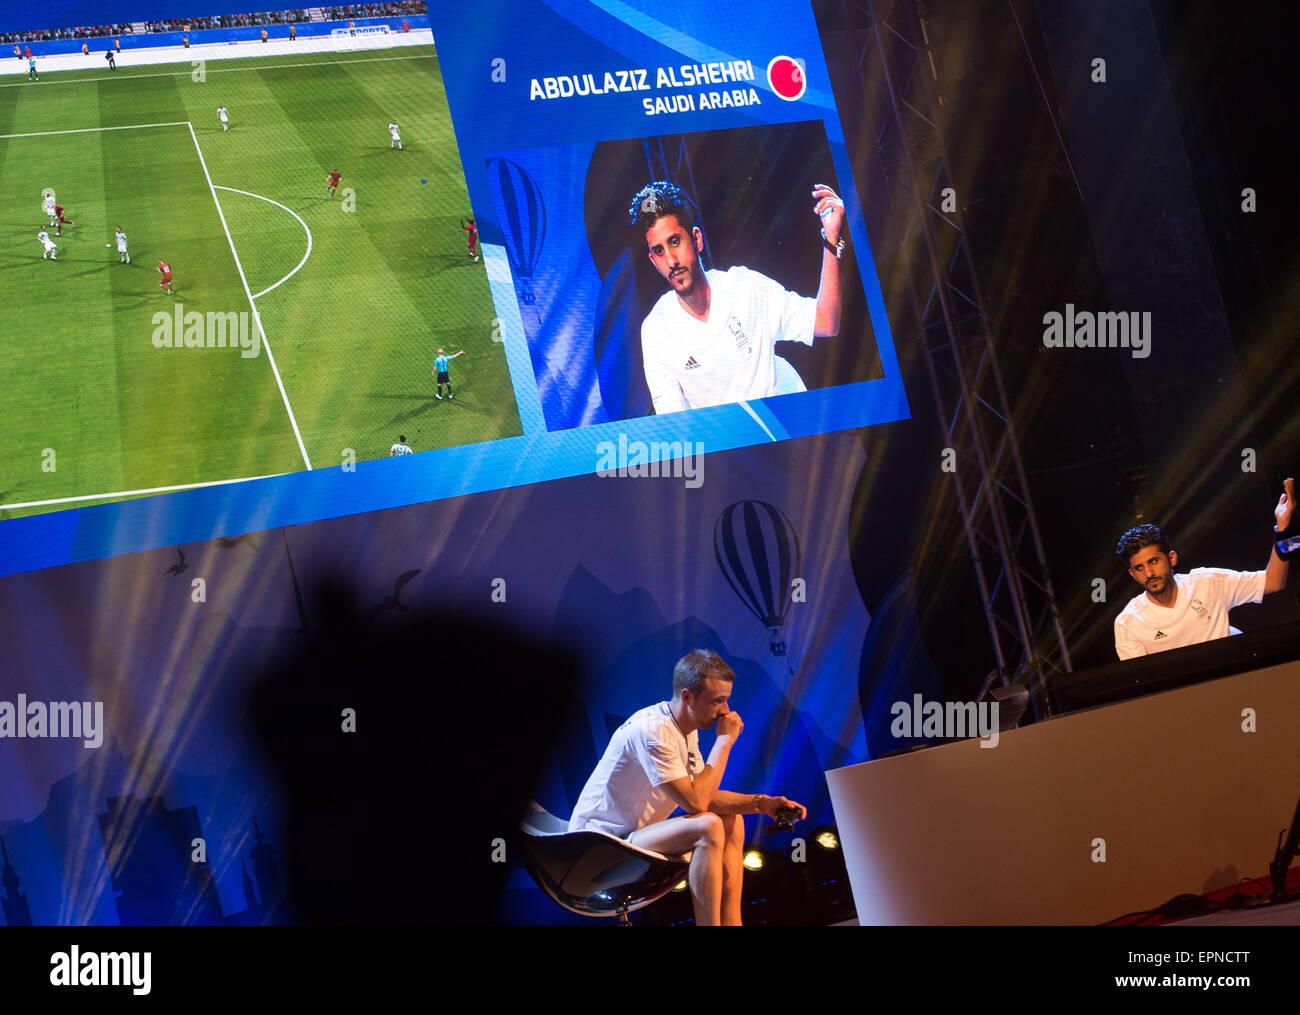 Der Sieger des FIFA Interactive World Cup 2015 Finale, Abdulaziz Alshehri (r) aus Saudi Arabien, jubelt am 19.05.2015 - Stock Image